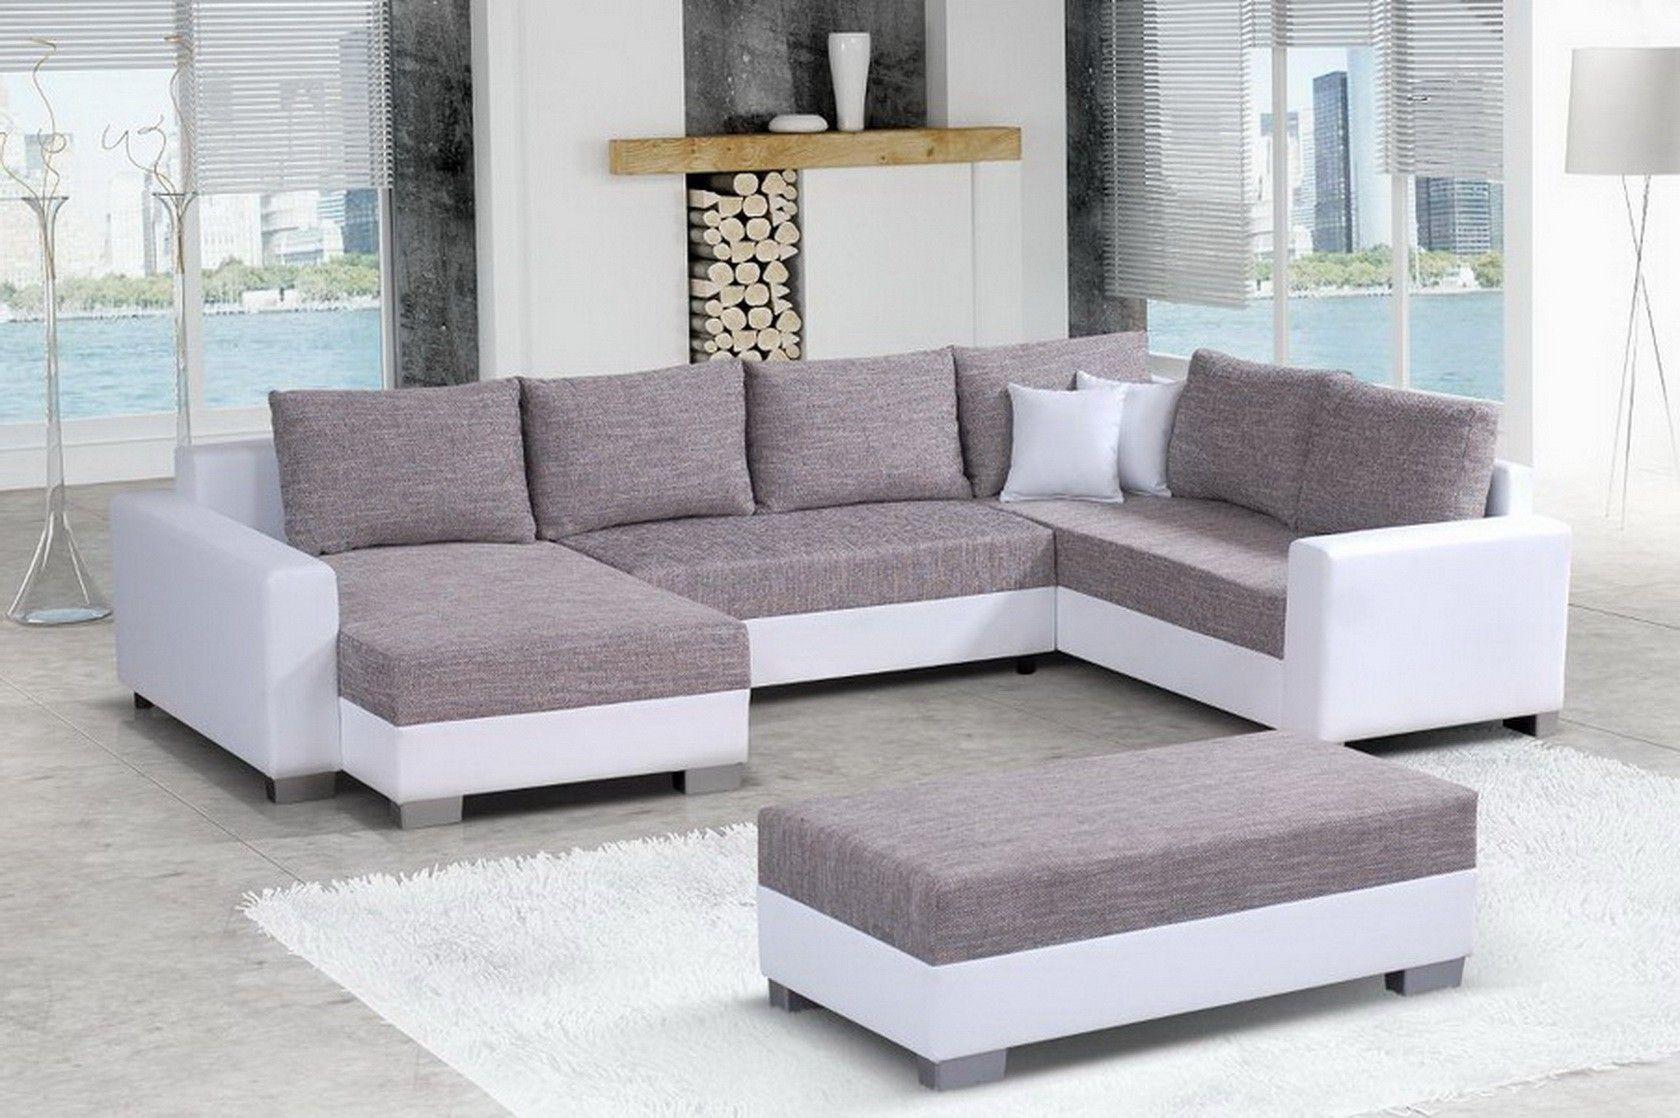 canapé angle gauche pouf en tissu chiné gris et simili cuir